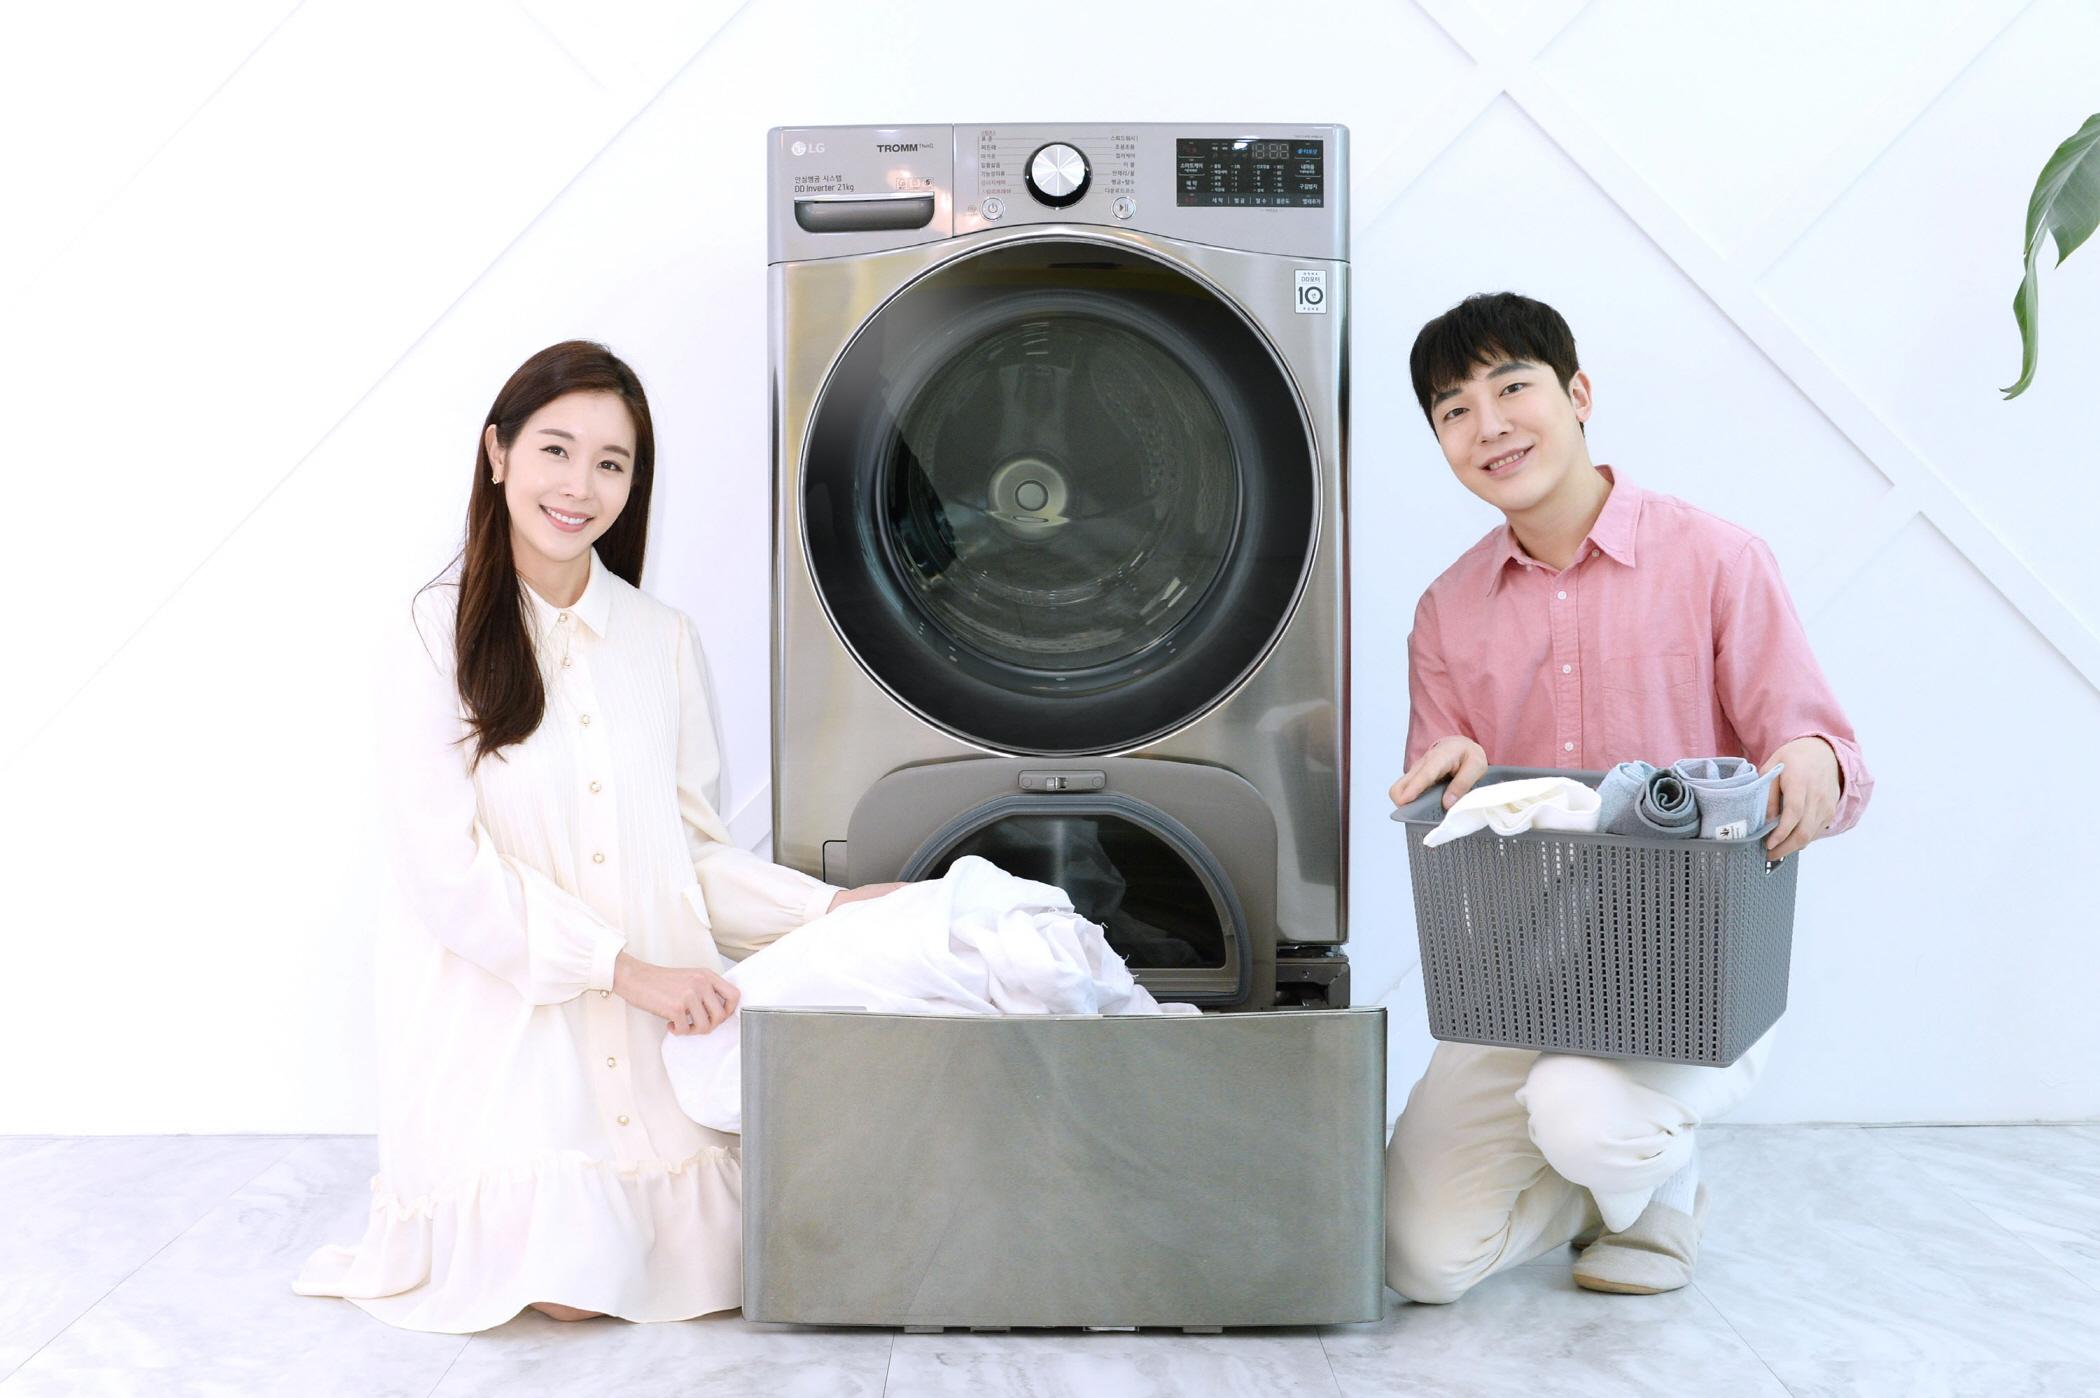 모델들이 인공지능 DD세탁기 'LG 트롬 세탁기 씽큐'에 미니워시를 결합한 제품을 소개하고 있다.